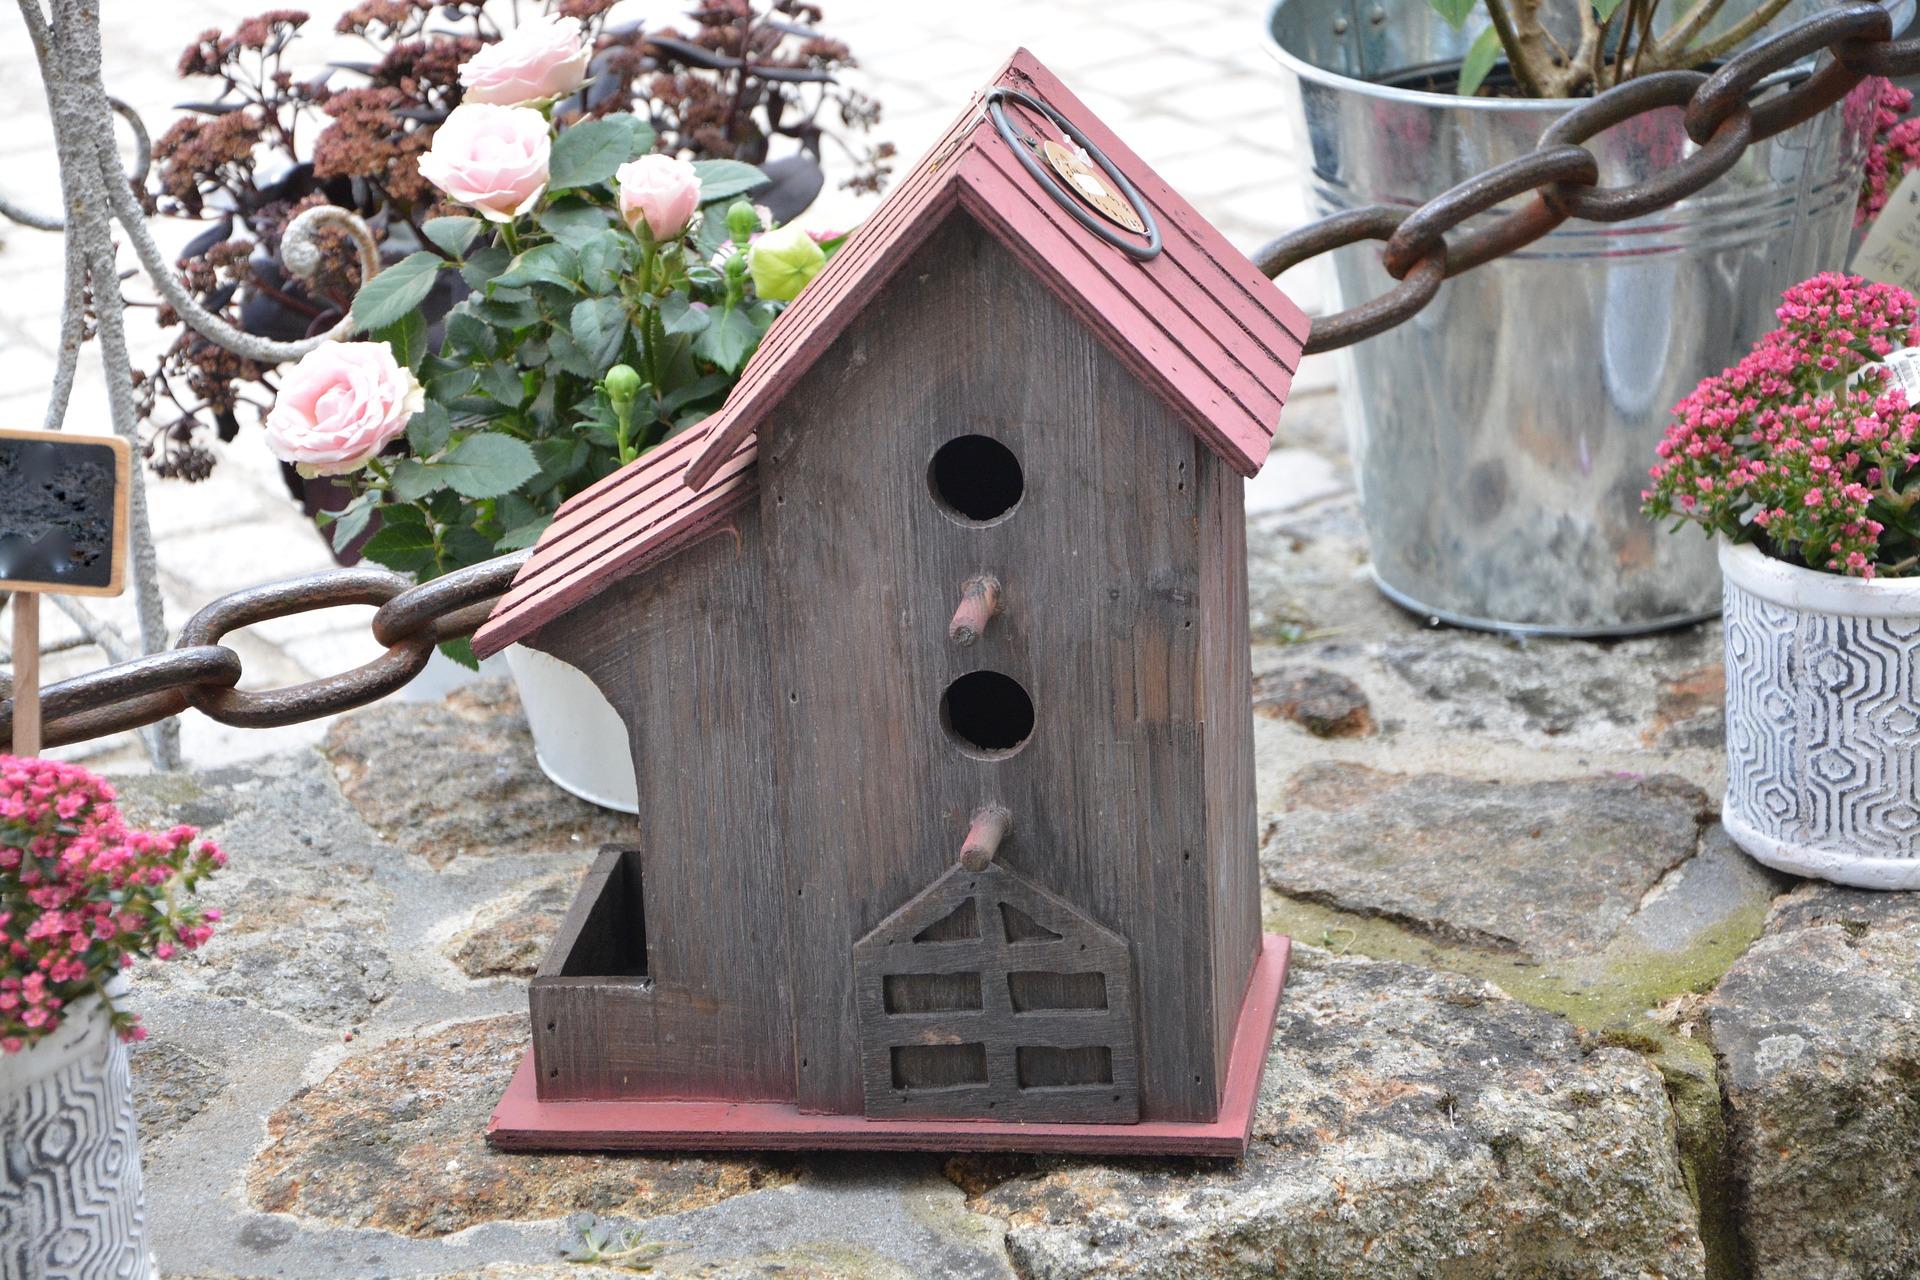 bird house - house wren nesting habits